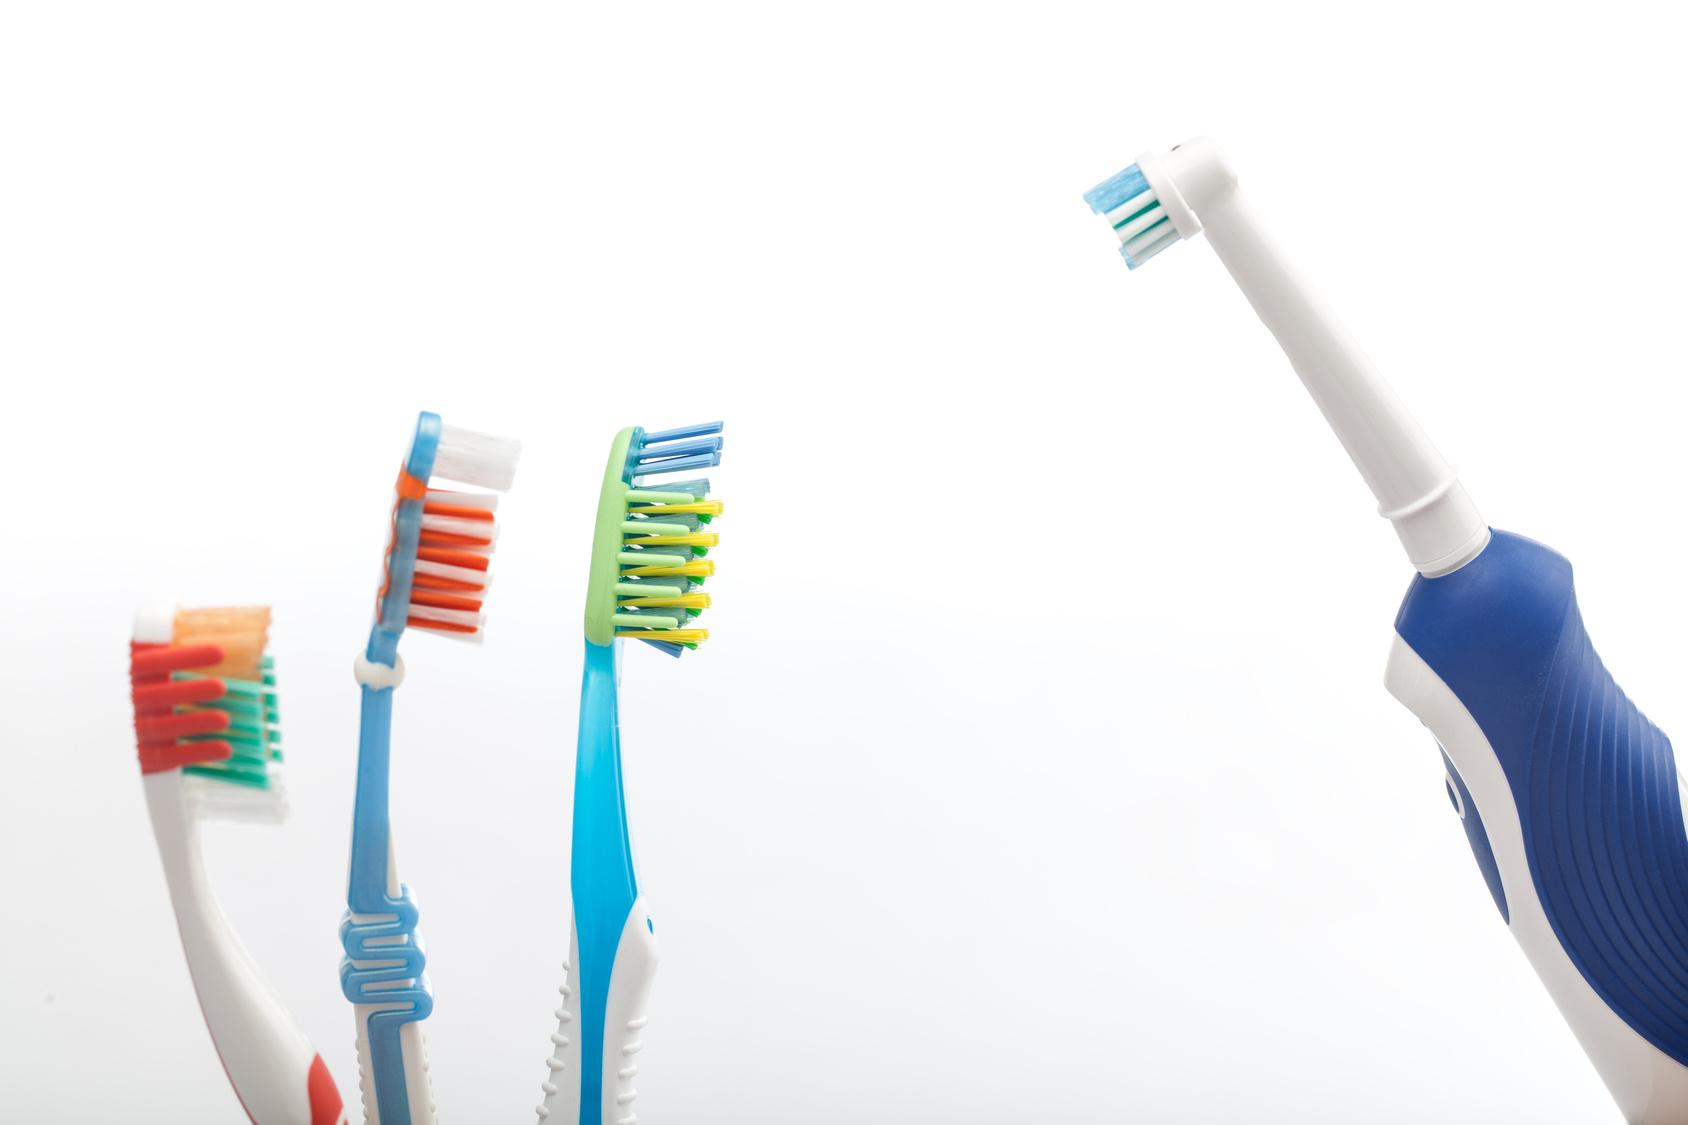 Manuel Diş Fırçanızı Değerlendirmenin 8 Pratik Yolu Uplifers